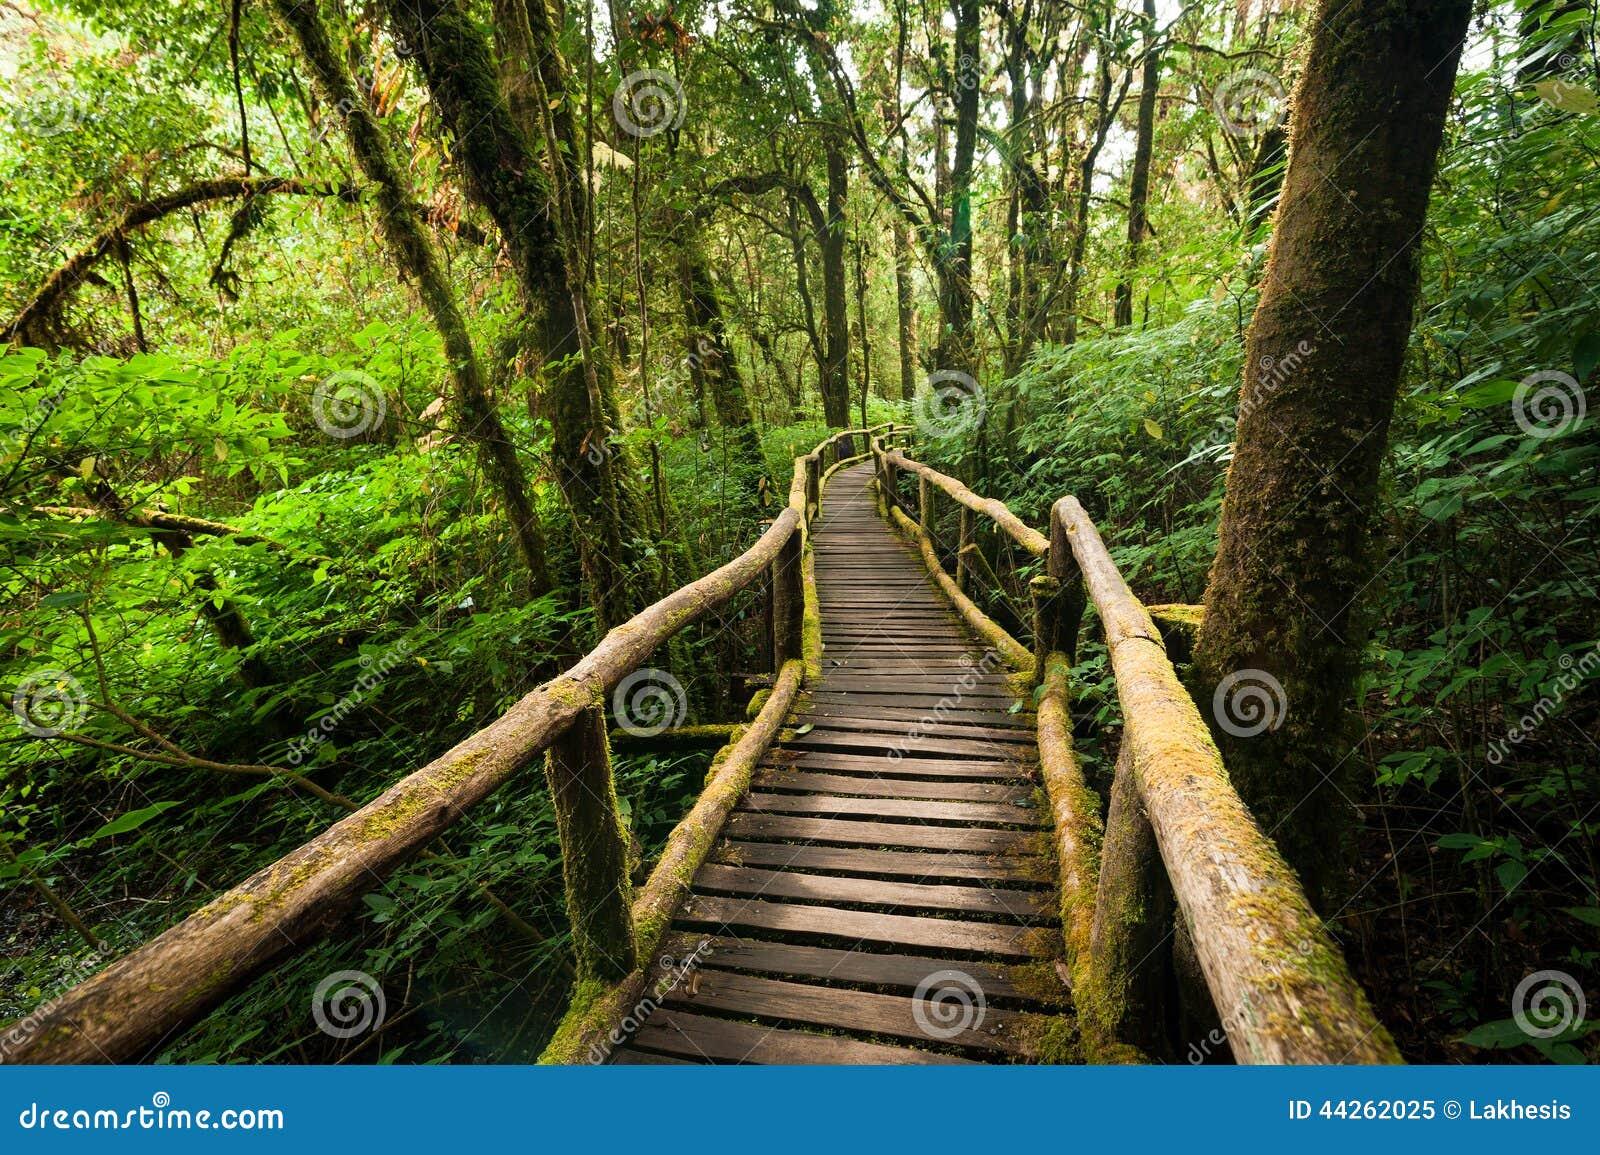 horizontal de jungle pont en bois la for t tropicale tropicale brumeuse photo stock image. Black Bedroom Furniture Sets. Home Design Ideas